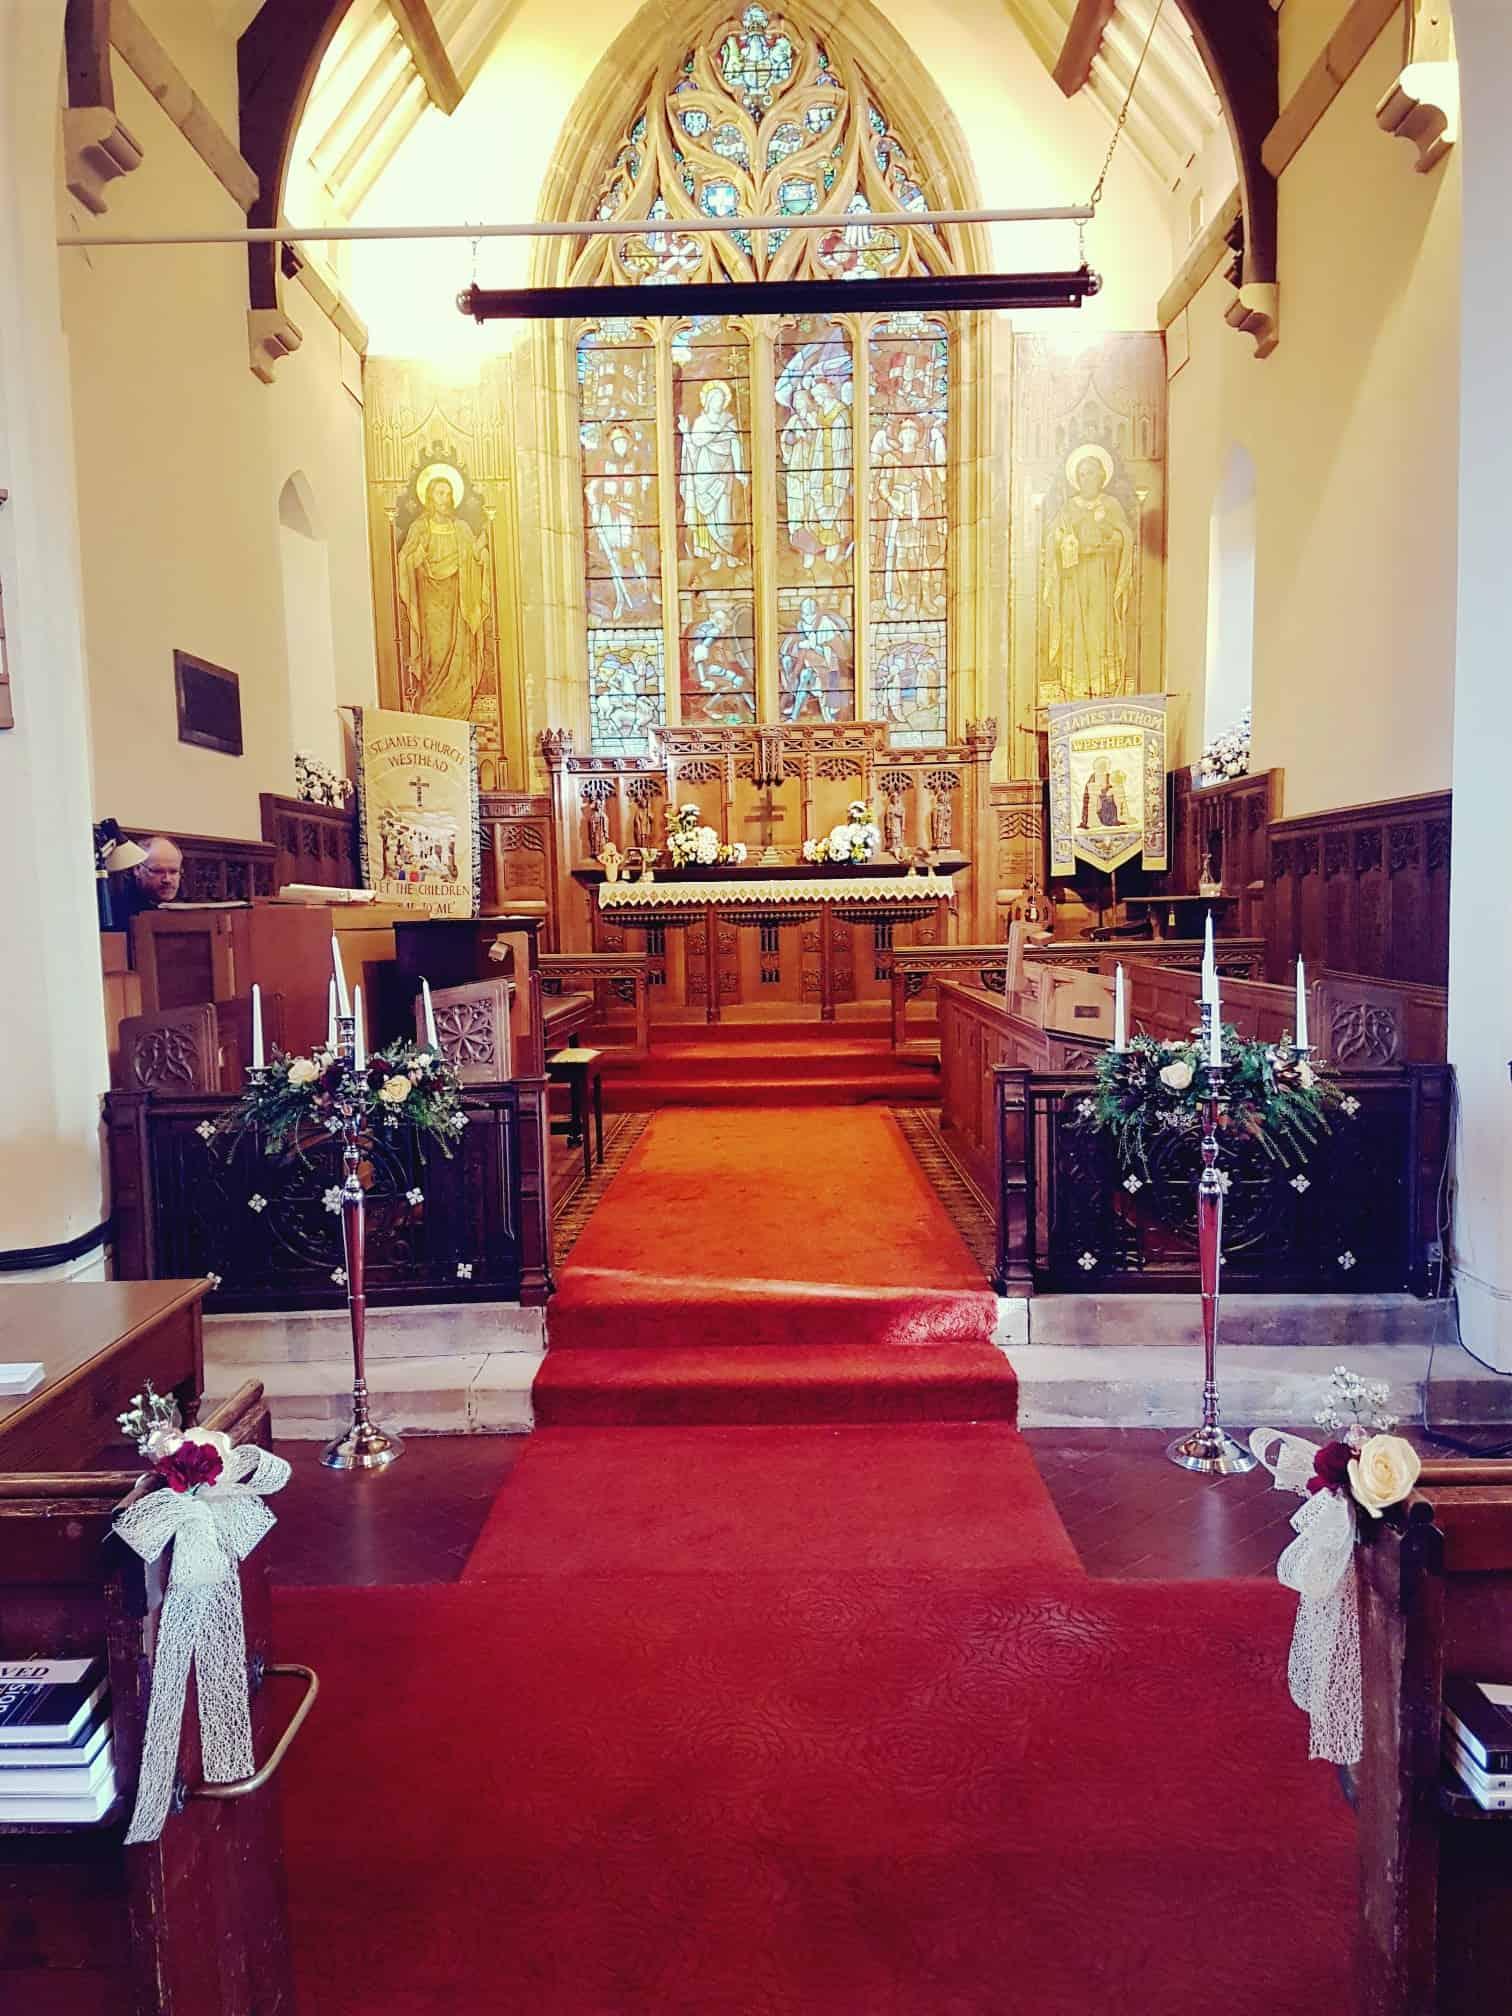 In church - candelarbras